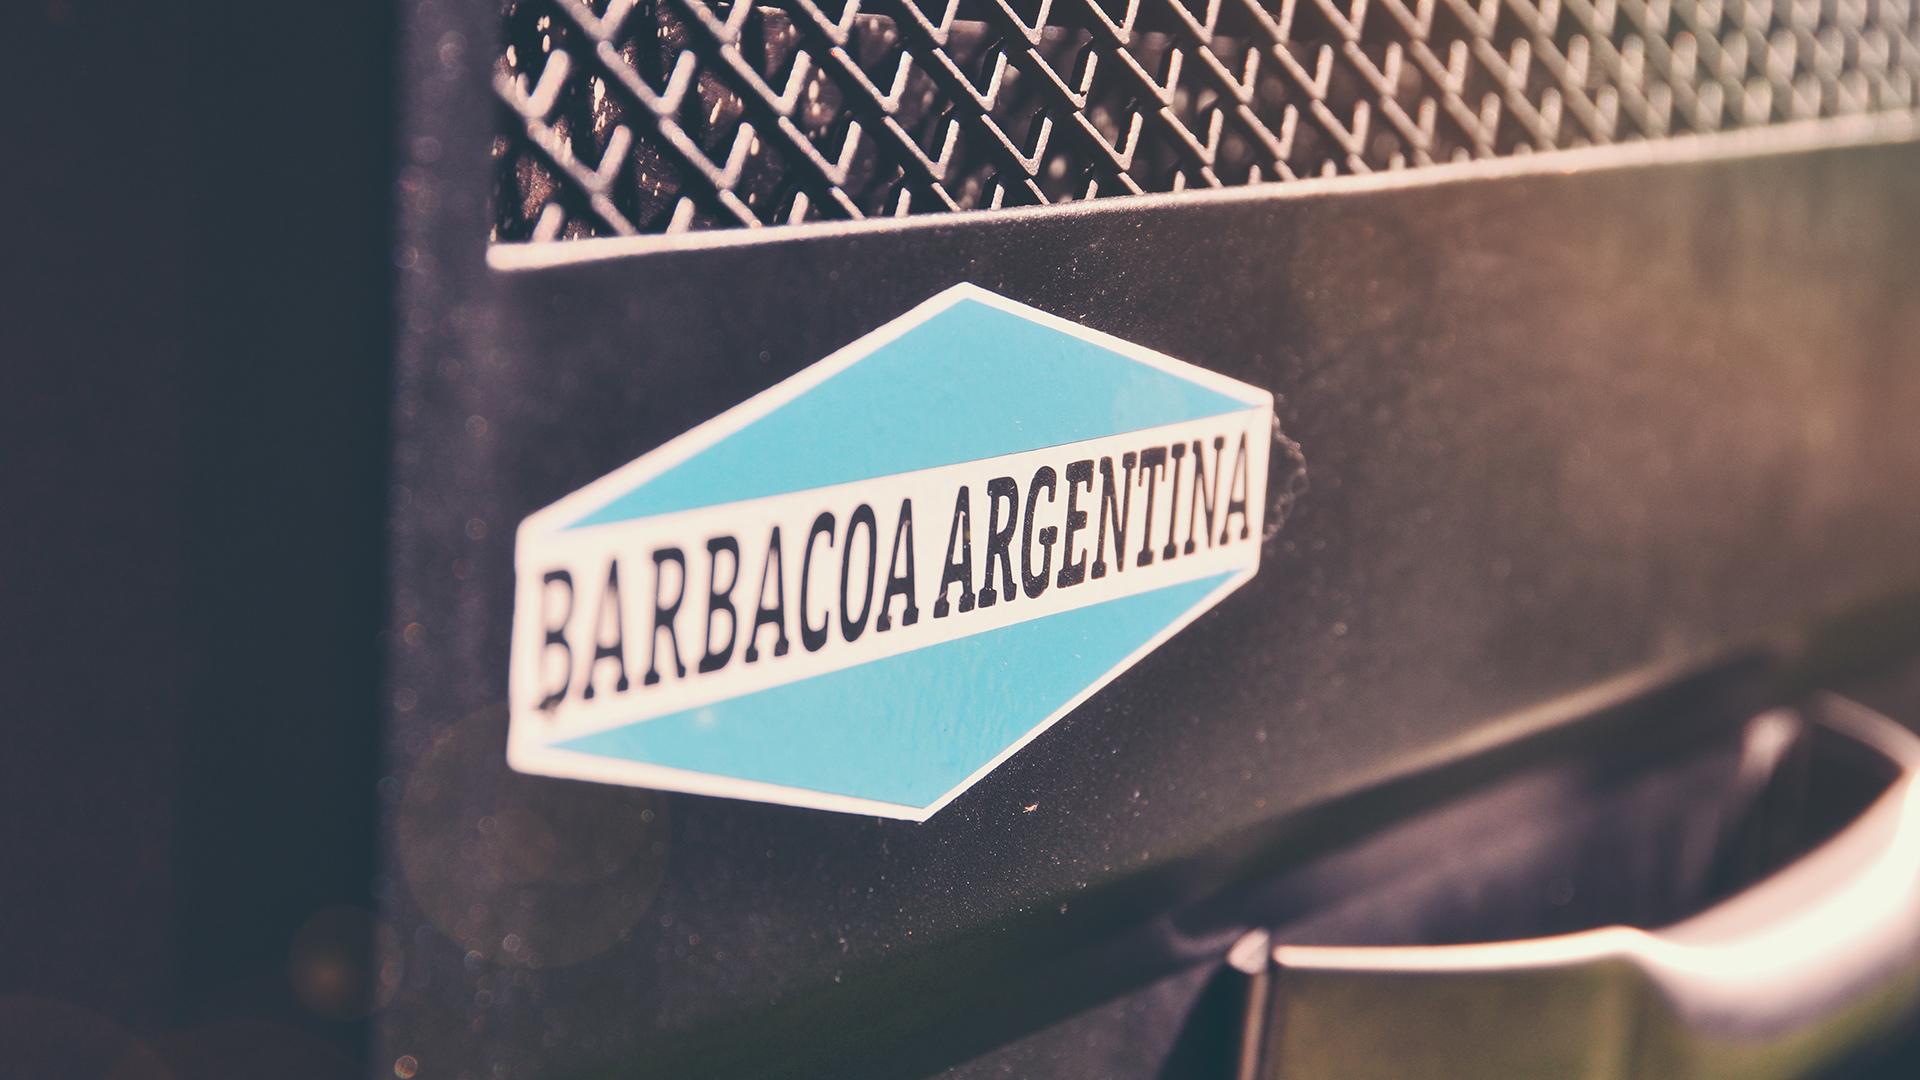 Barbacoa argentina todo parrillas - Barbacoas argentinas precios ...